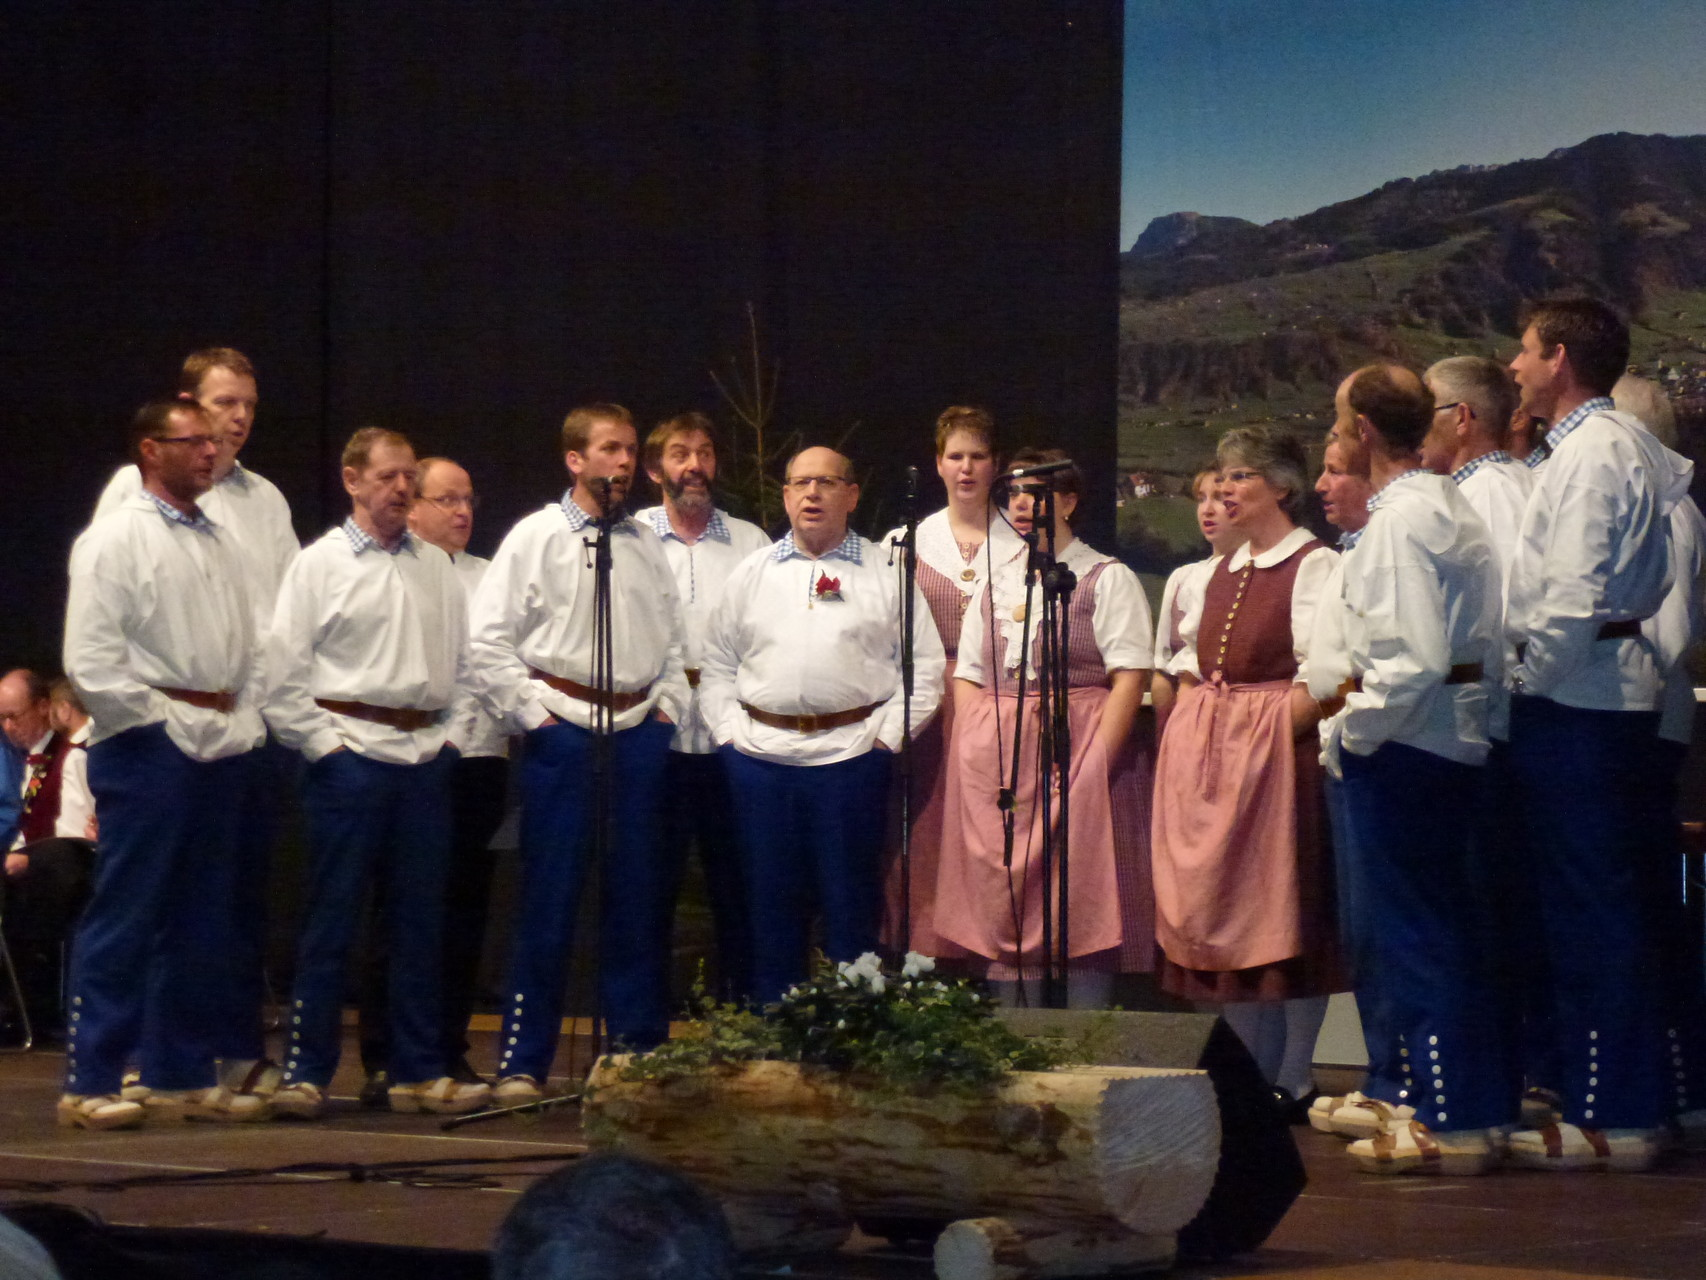 """... vor ca. 6 - 700 Delegierten mit dem Lied """"Alpenacht"""" aufzutreten"""